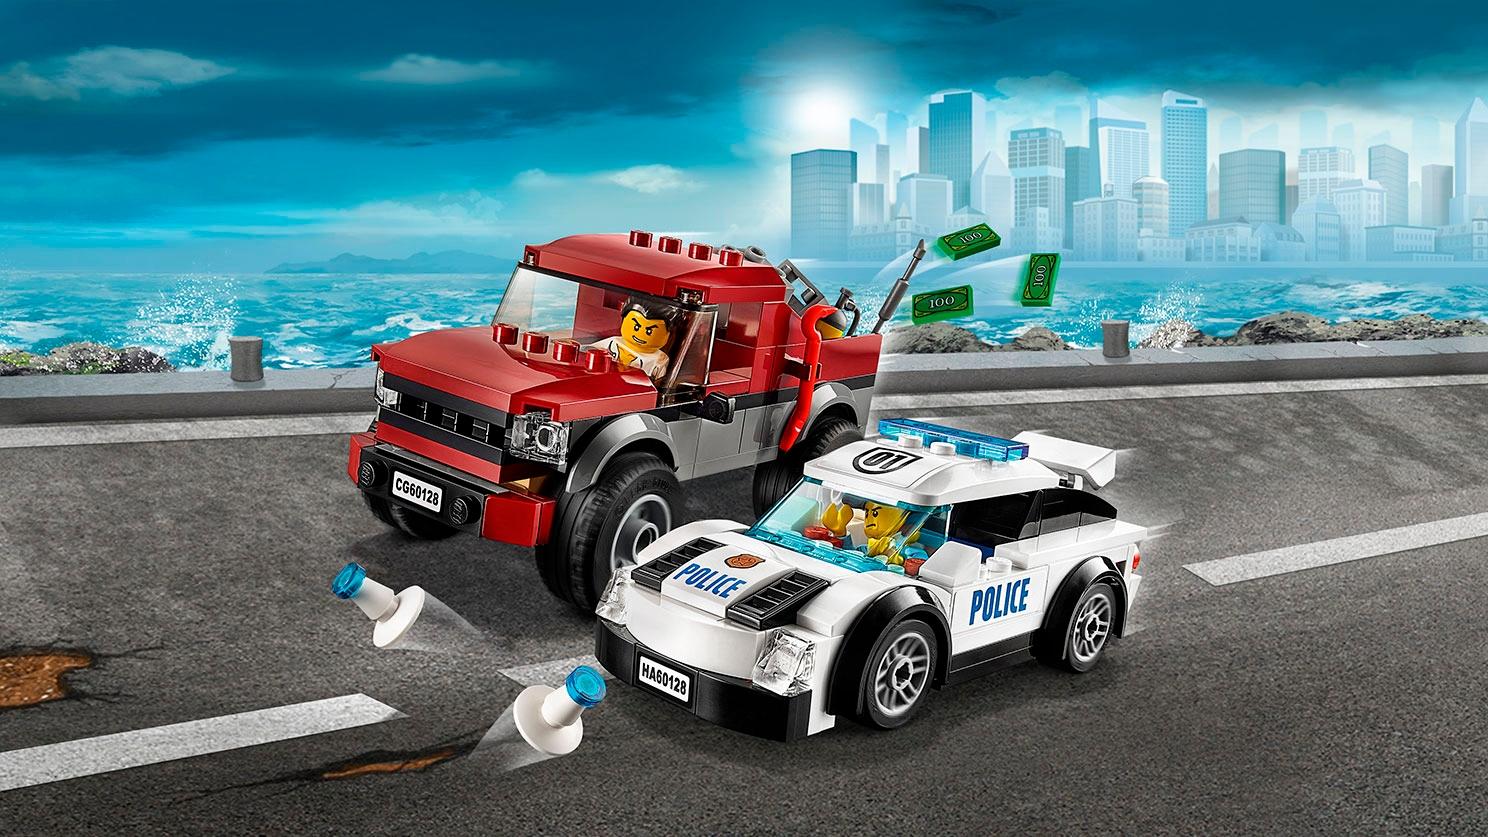 Грузовик-пикап и полицейский суперавтомобиль LEGO City — Полицейская погоня (60128)